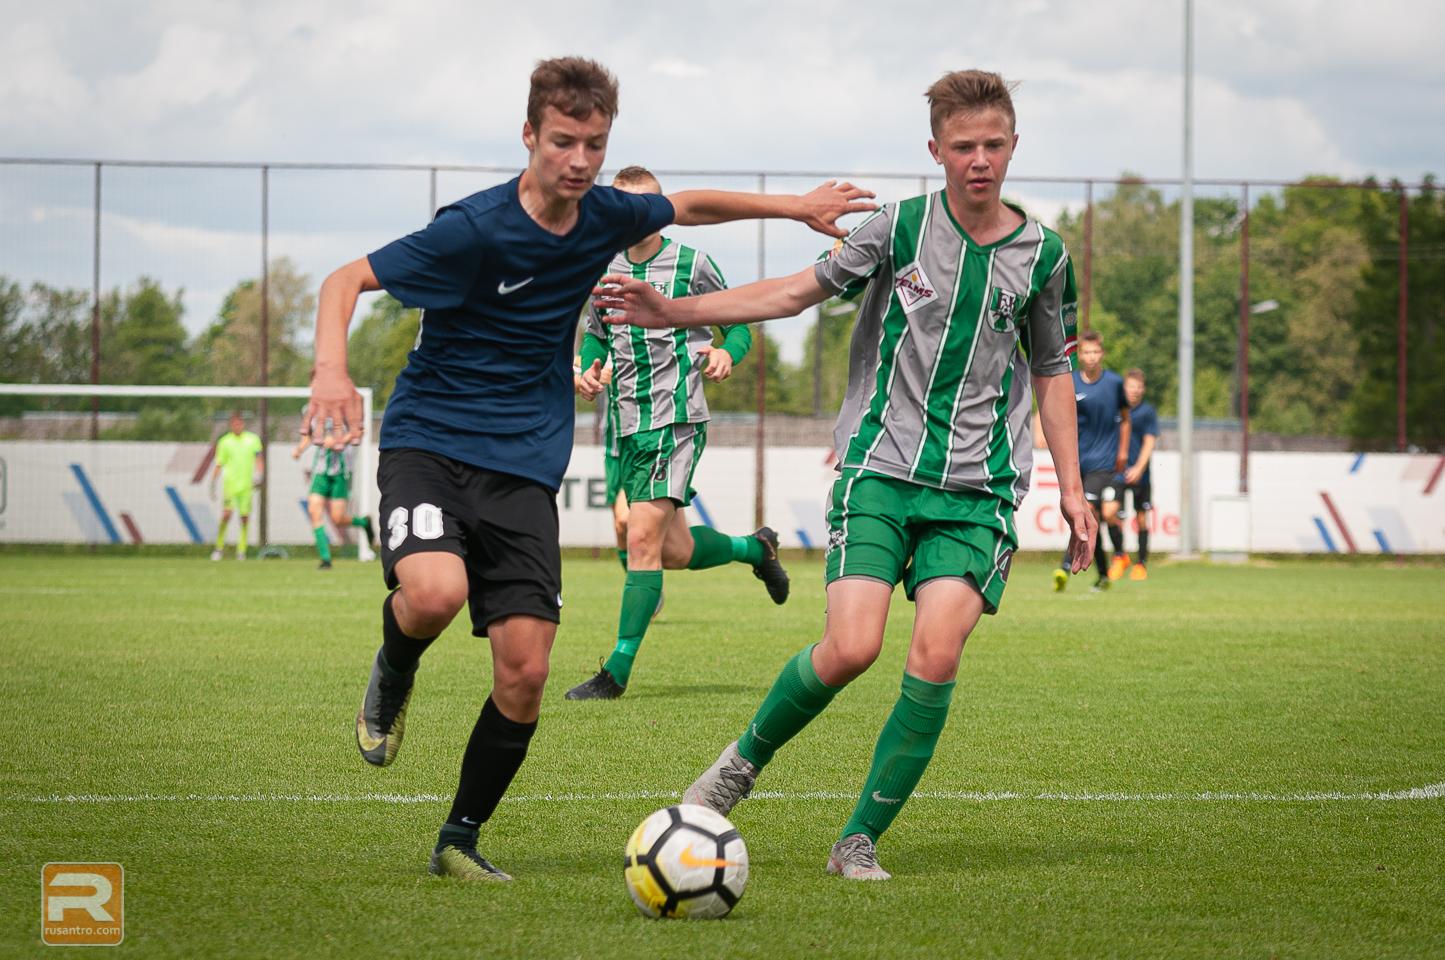 Jelgavas futbolisti cīnās par bronzas medaļām